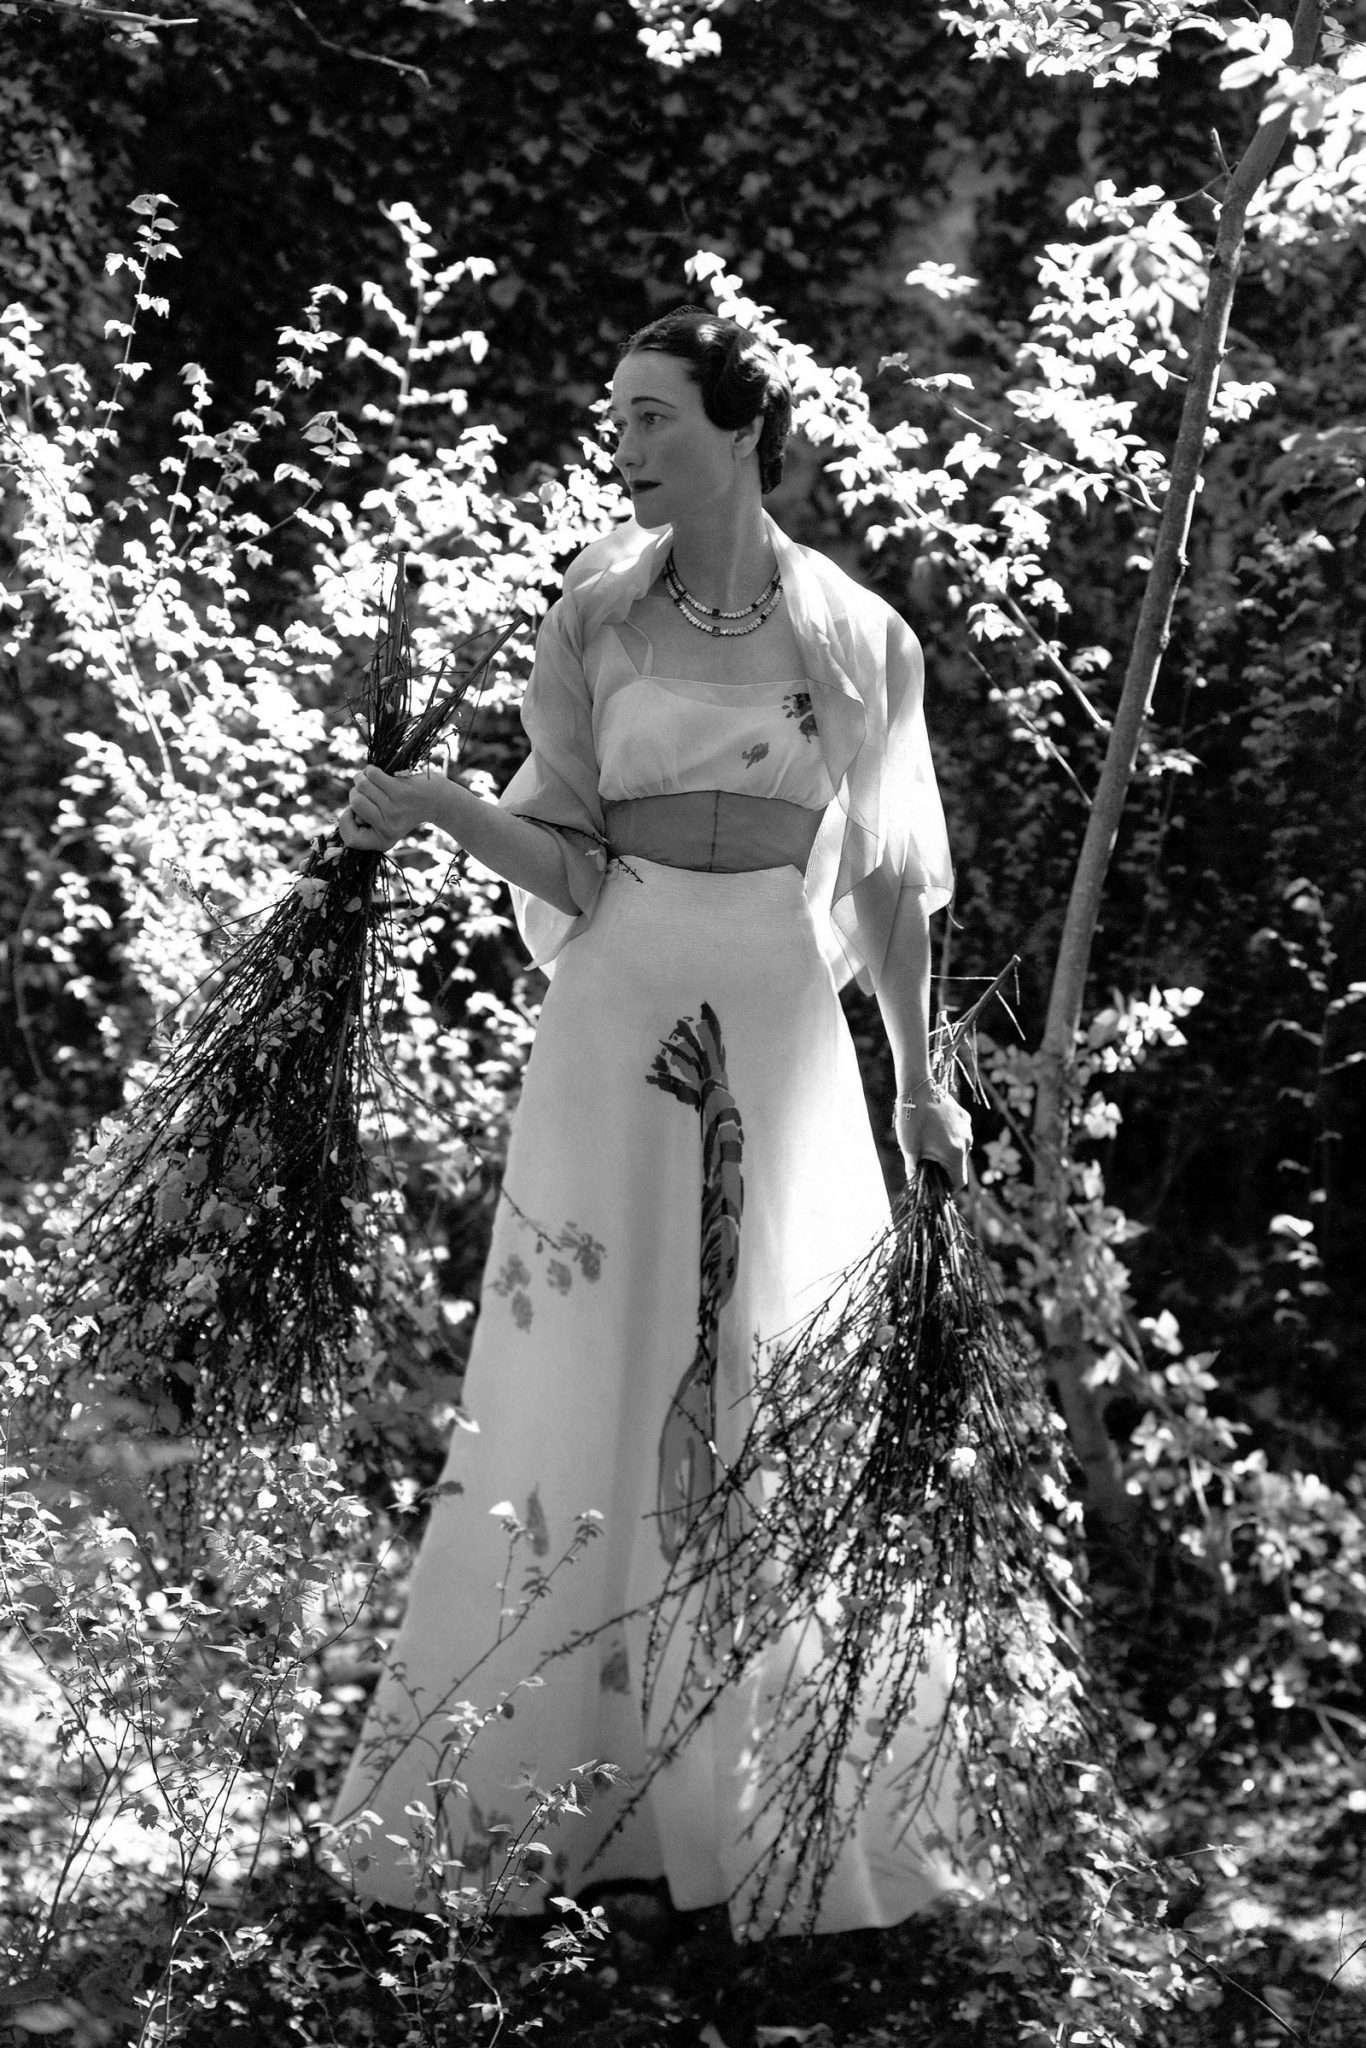 والیس سیمپسون و لباس شیاپرلی در فوتوشات مجله وگ